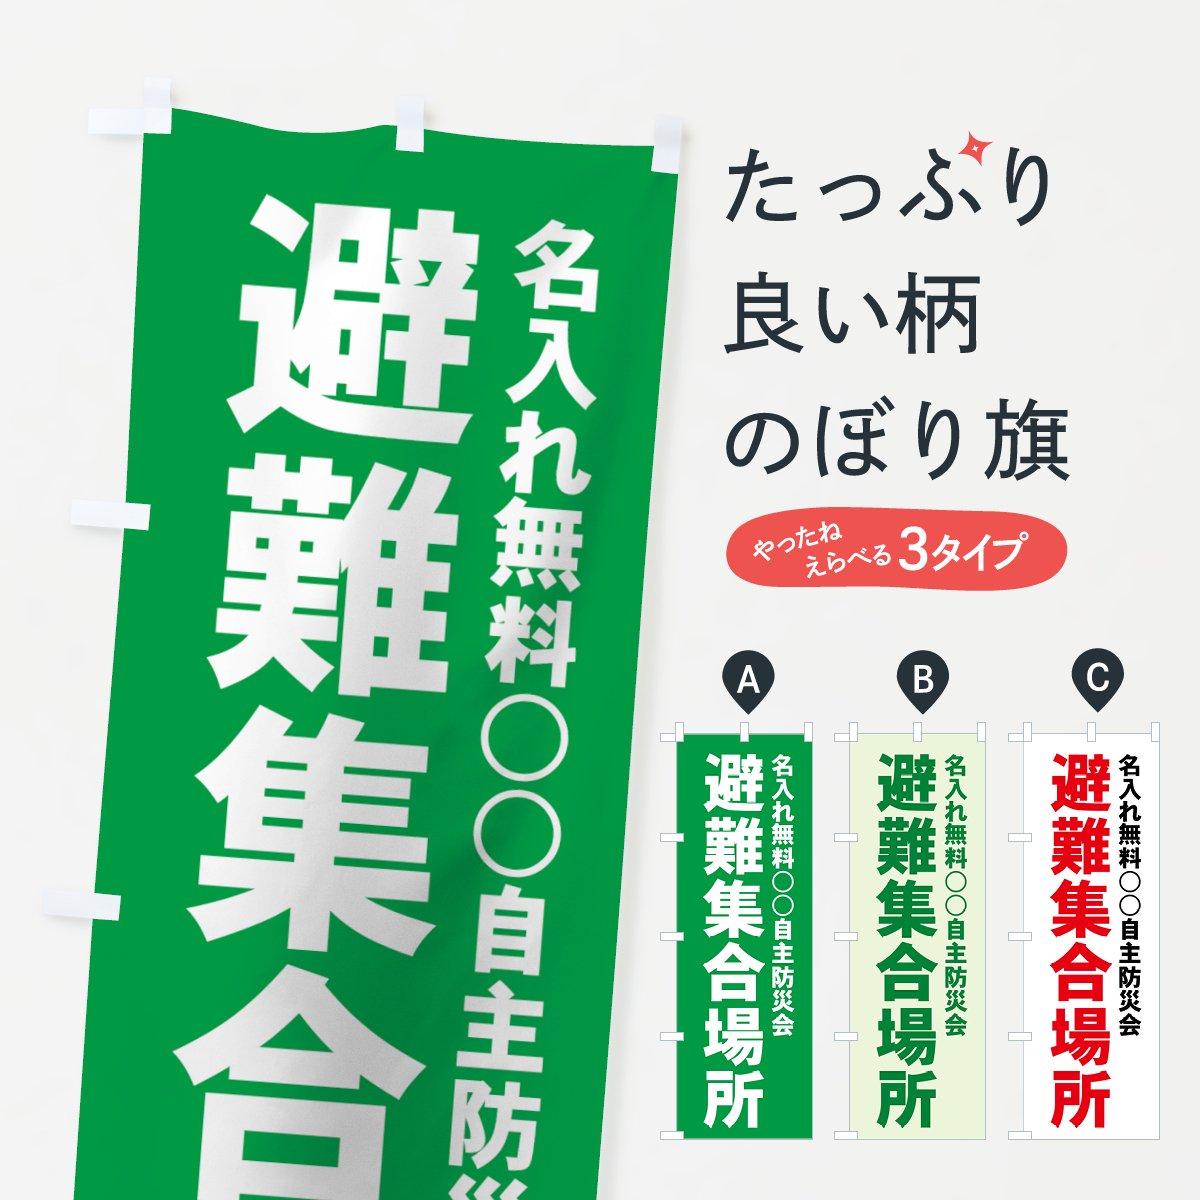 避難集合場所のぼり旗【名入無料】[観光・レジャー・自治体]